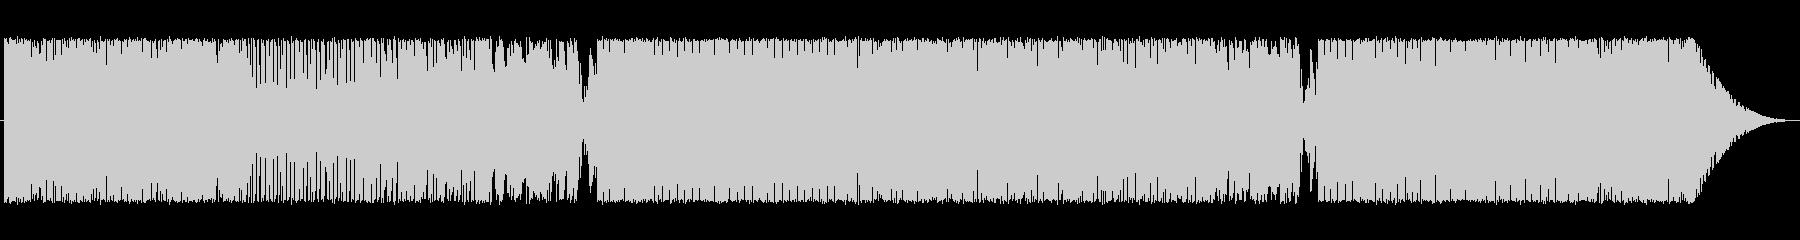 ポップス(ピアノ・Eピアノ)の未再生の波形